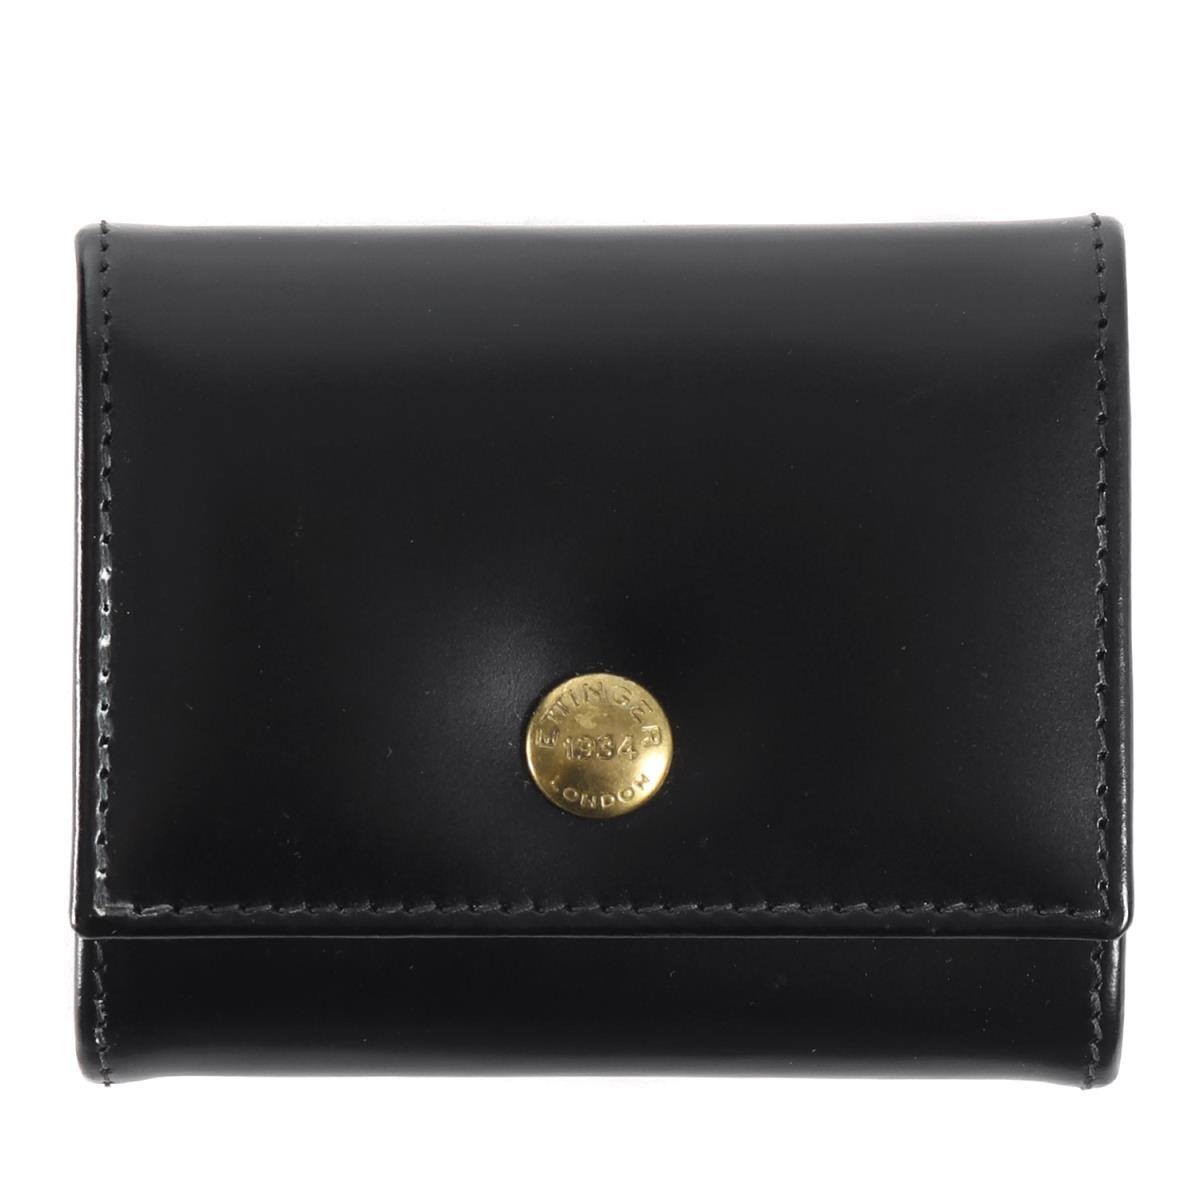 ETTINGER (エッティンガー) ブライドルレザーコインケース / 財布 (COIN PURSE) ブラック×パープル 【メンズ】【美品】【K2240】【中古】【あす楽☆対応可】